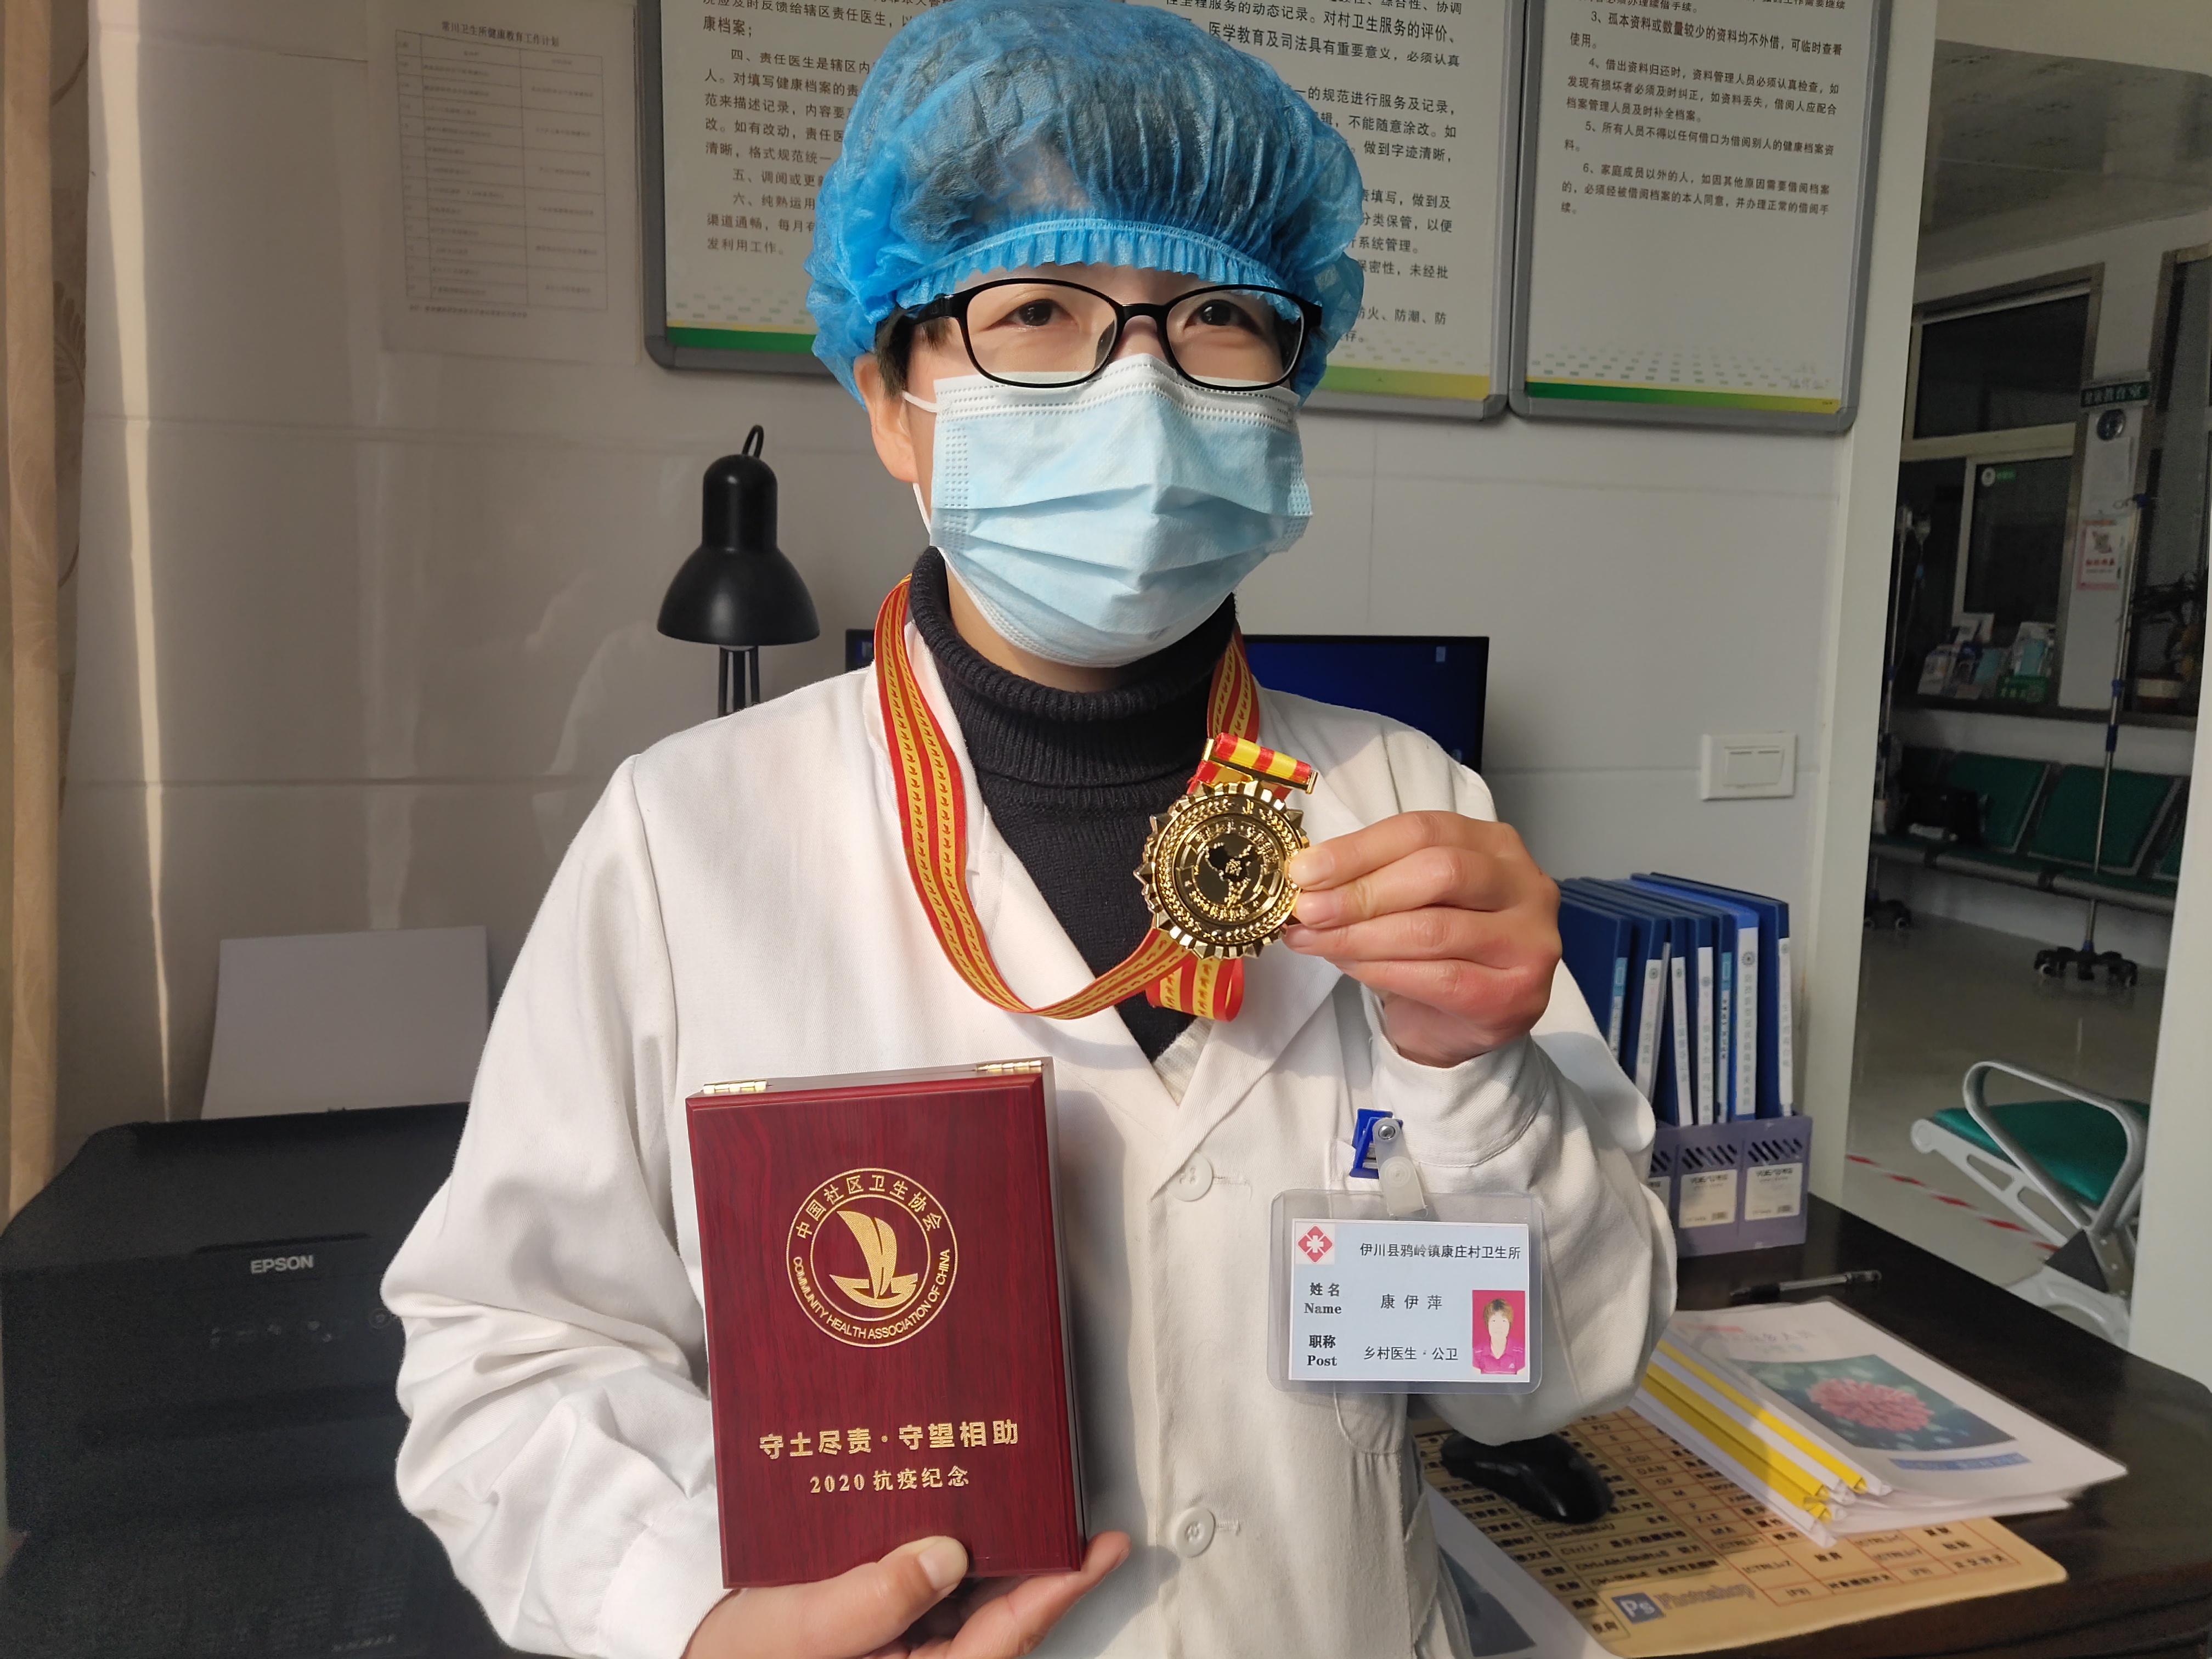 伊川县村医康伊萍获中国社区卫生协会表彰